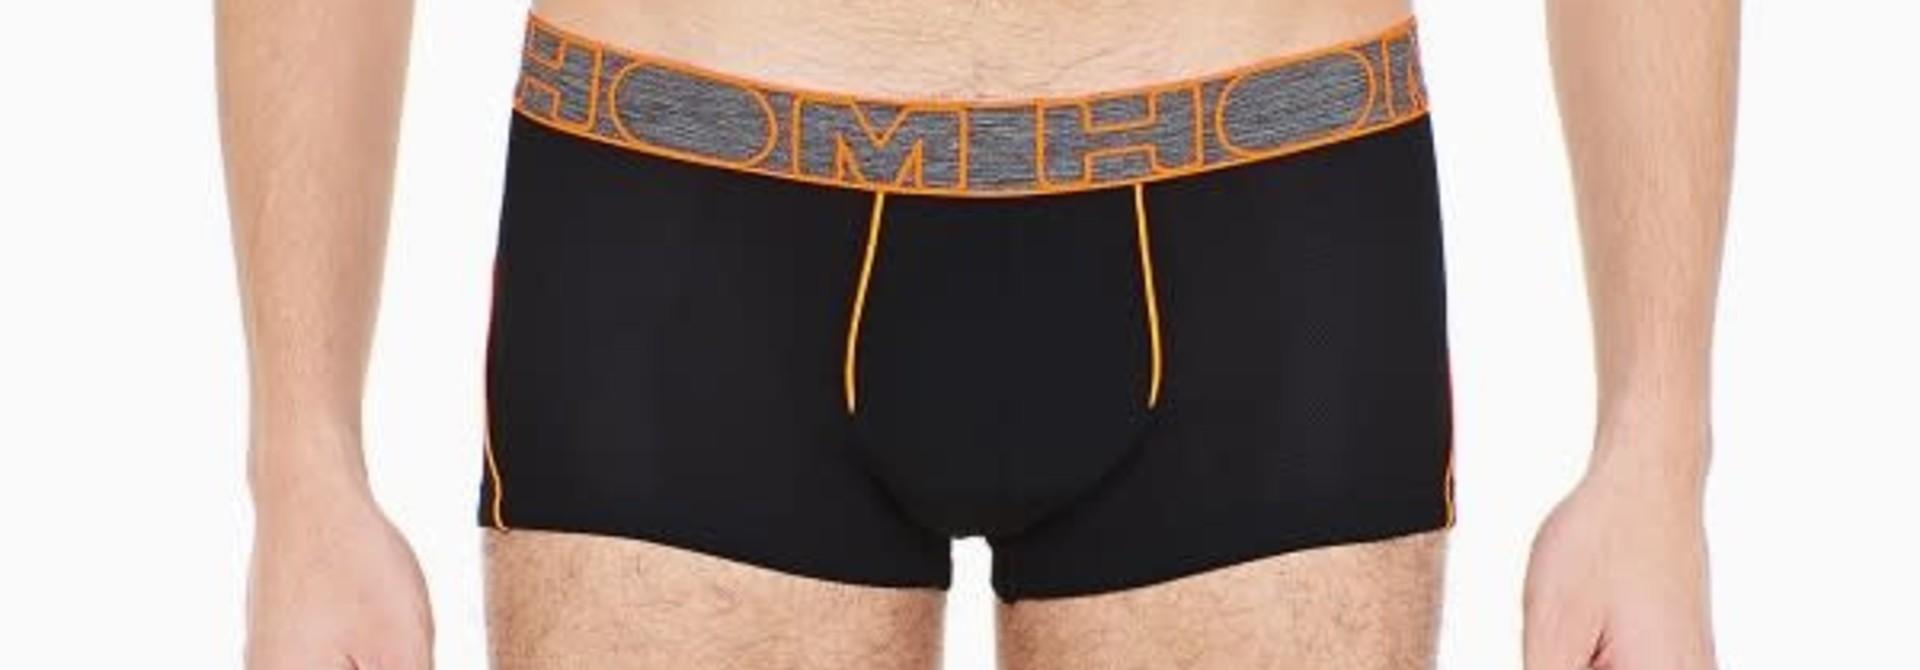 Short Bodyfit 401549 - zwart